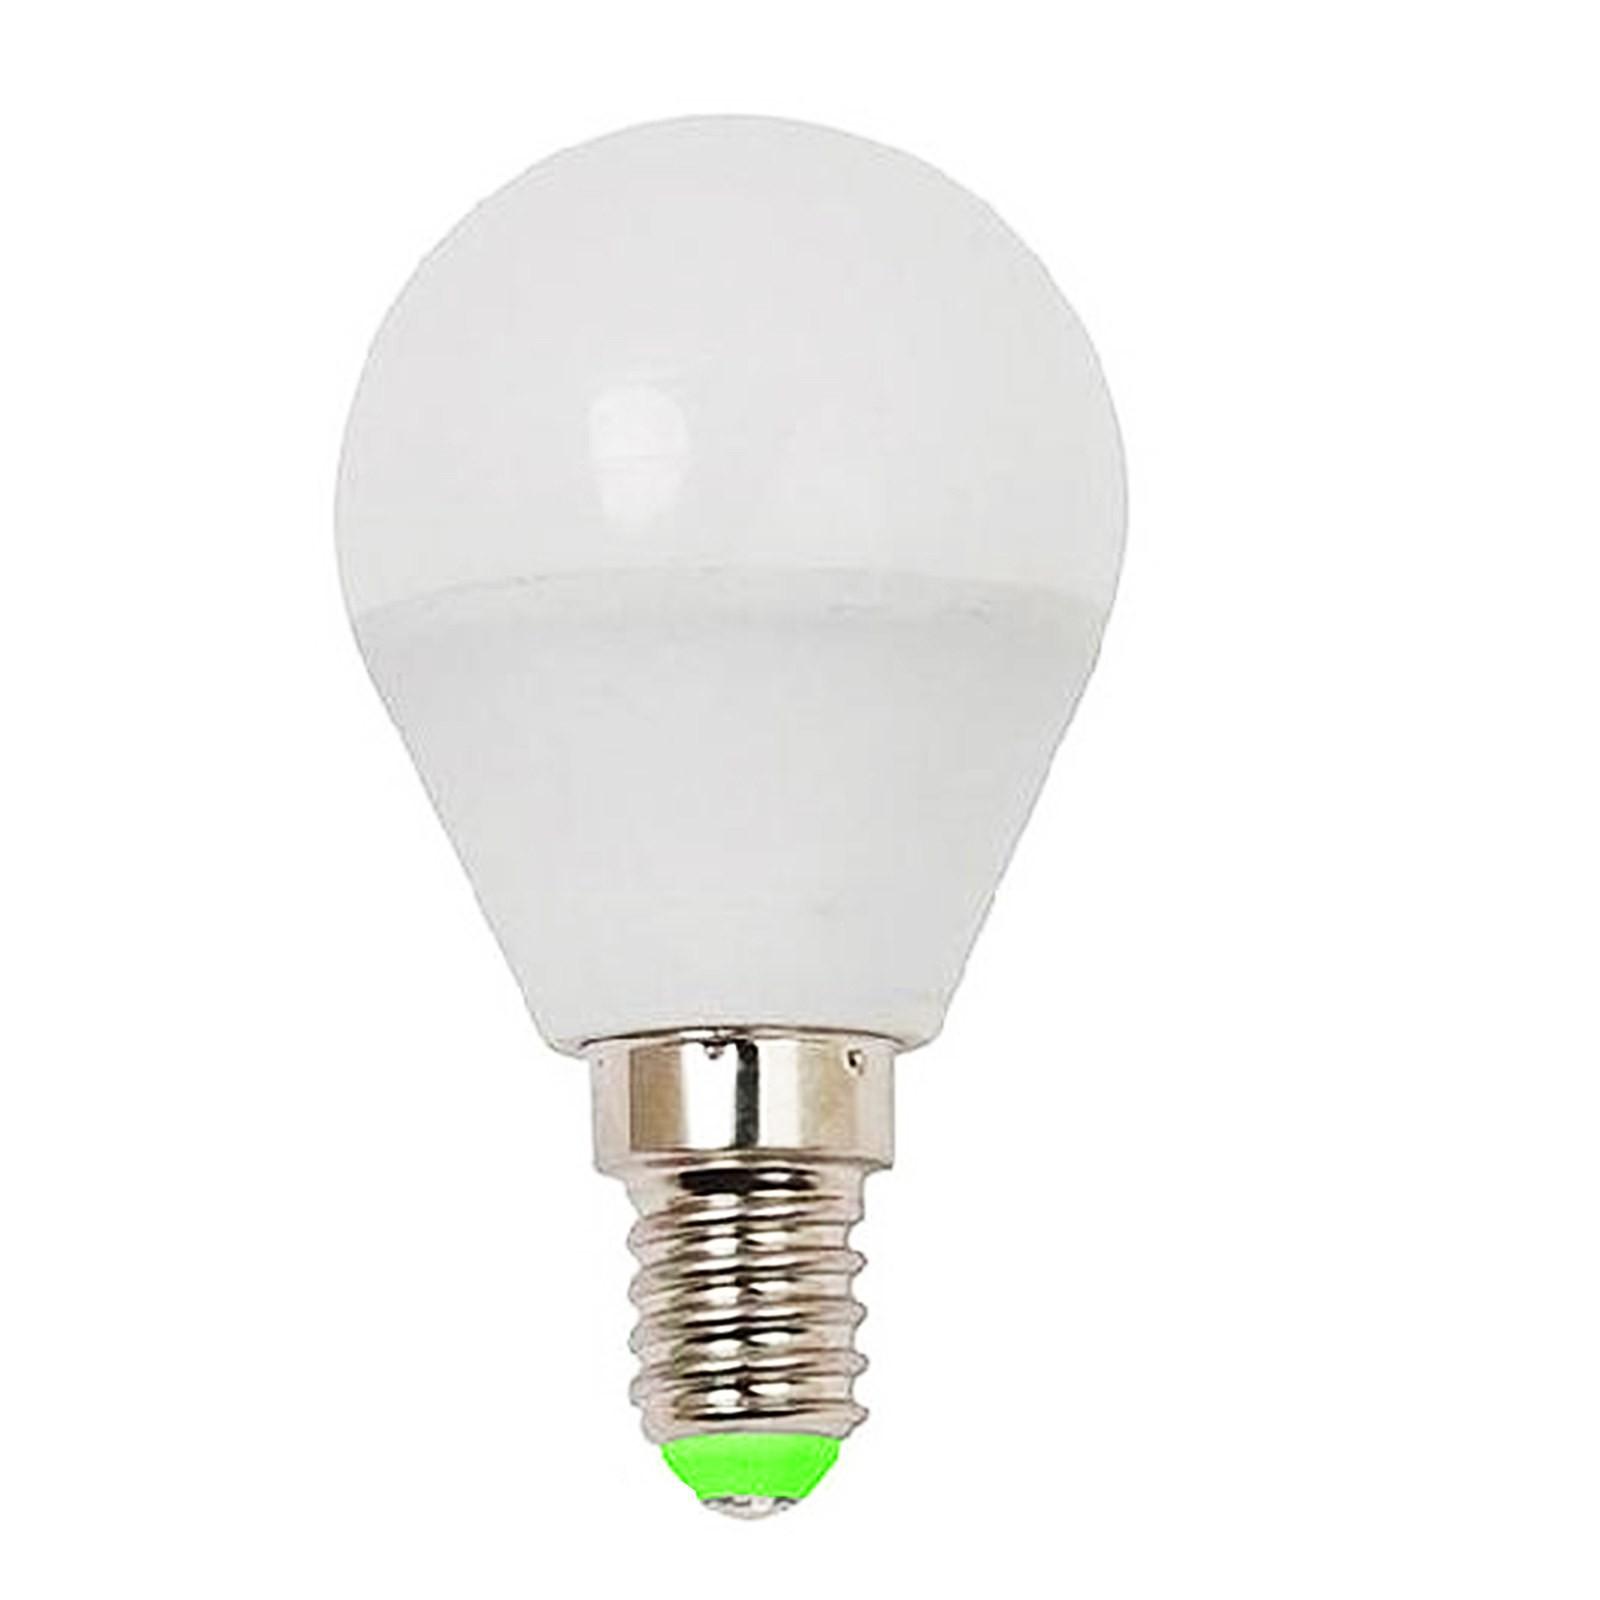 Lampada lampadina a led attacco e14 5 watt minisfera luce for Lampadina lunga led